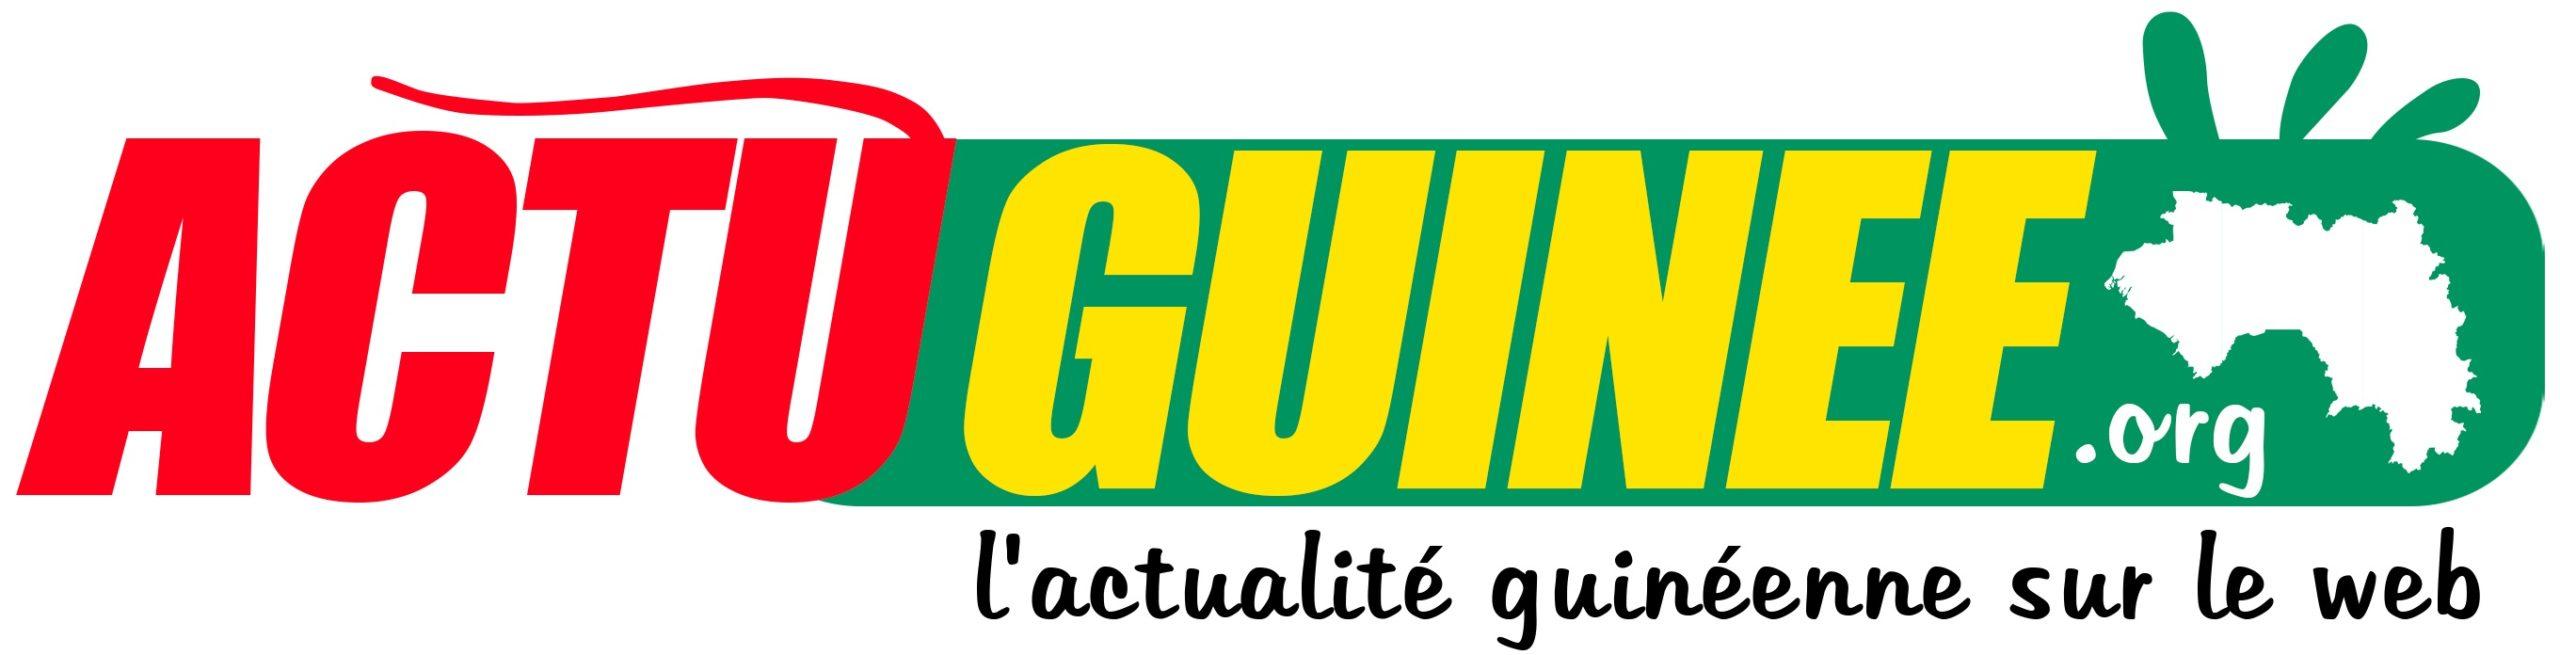 Actuguinee